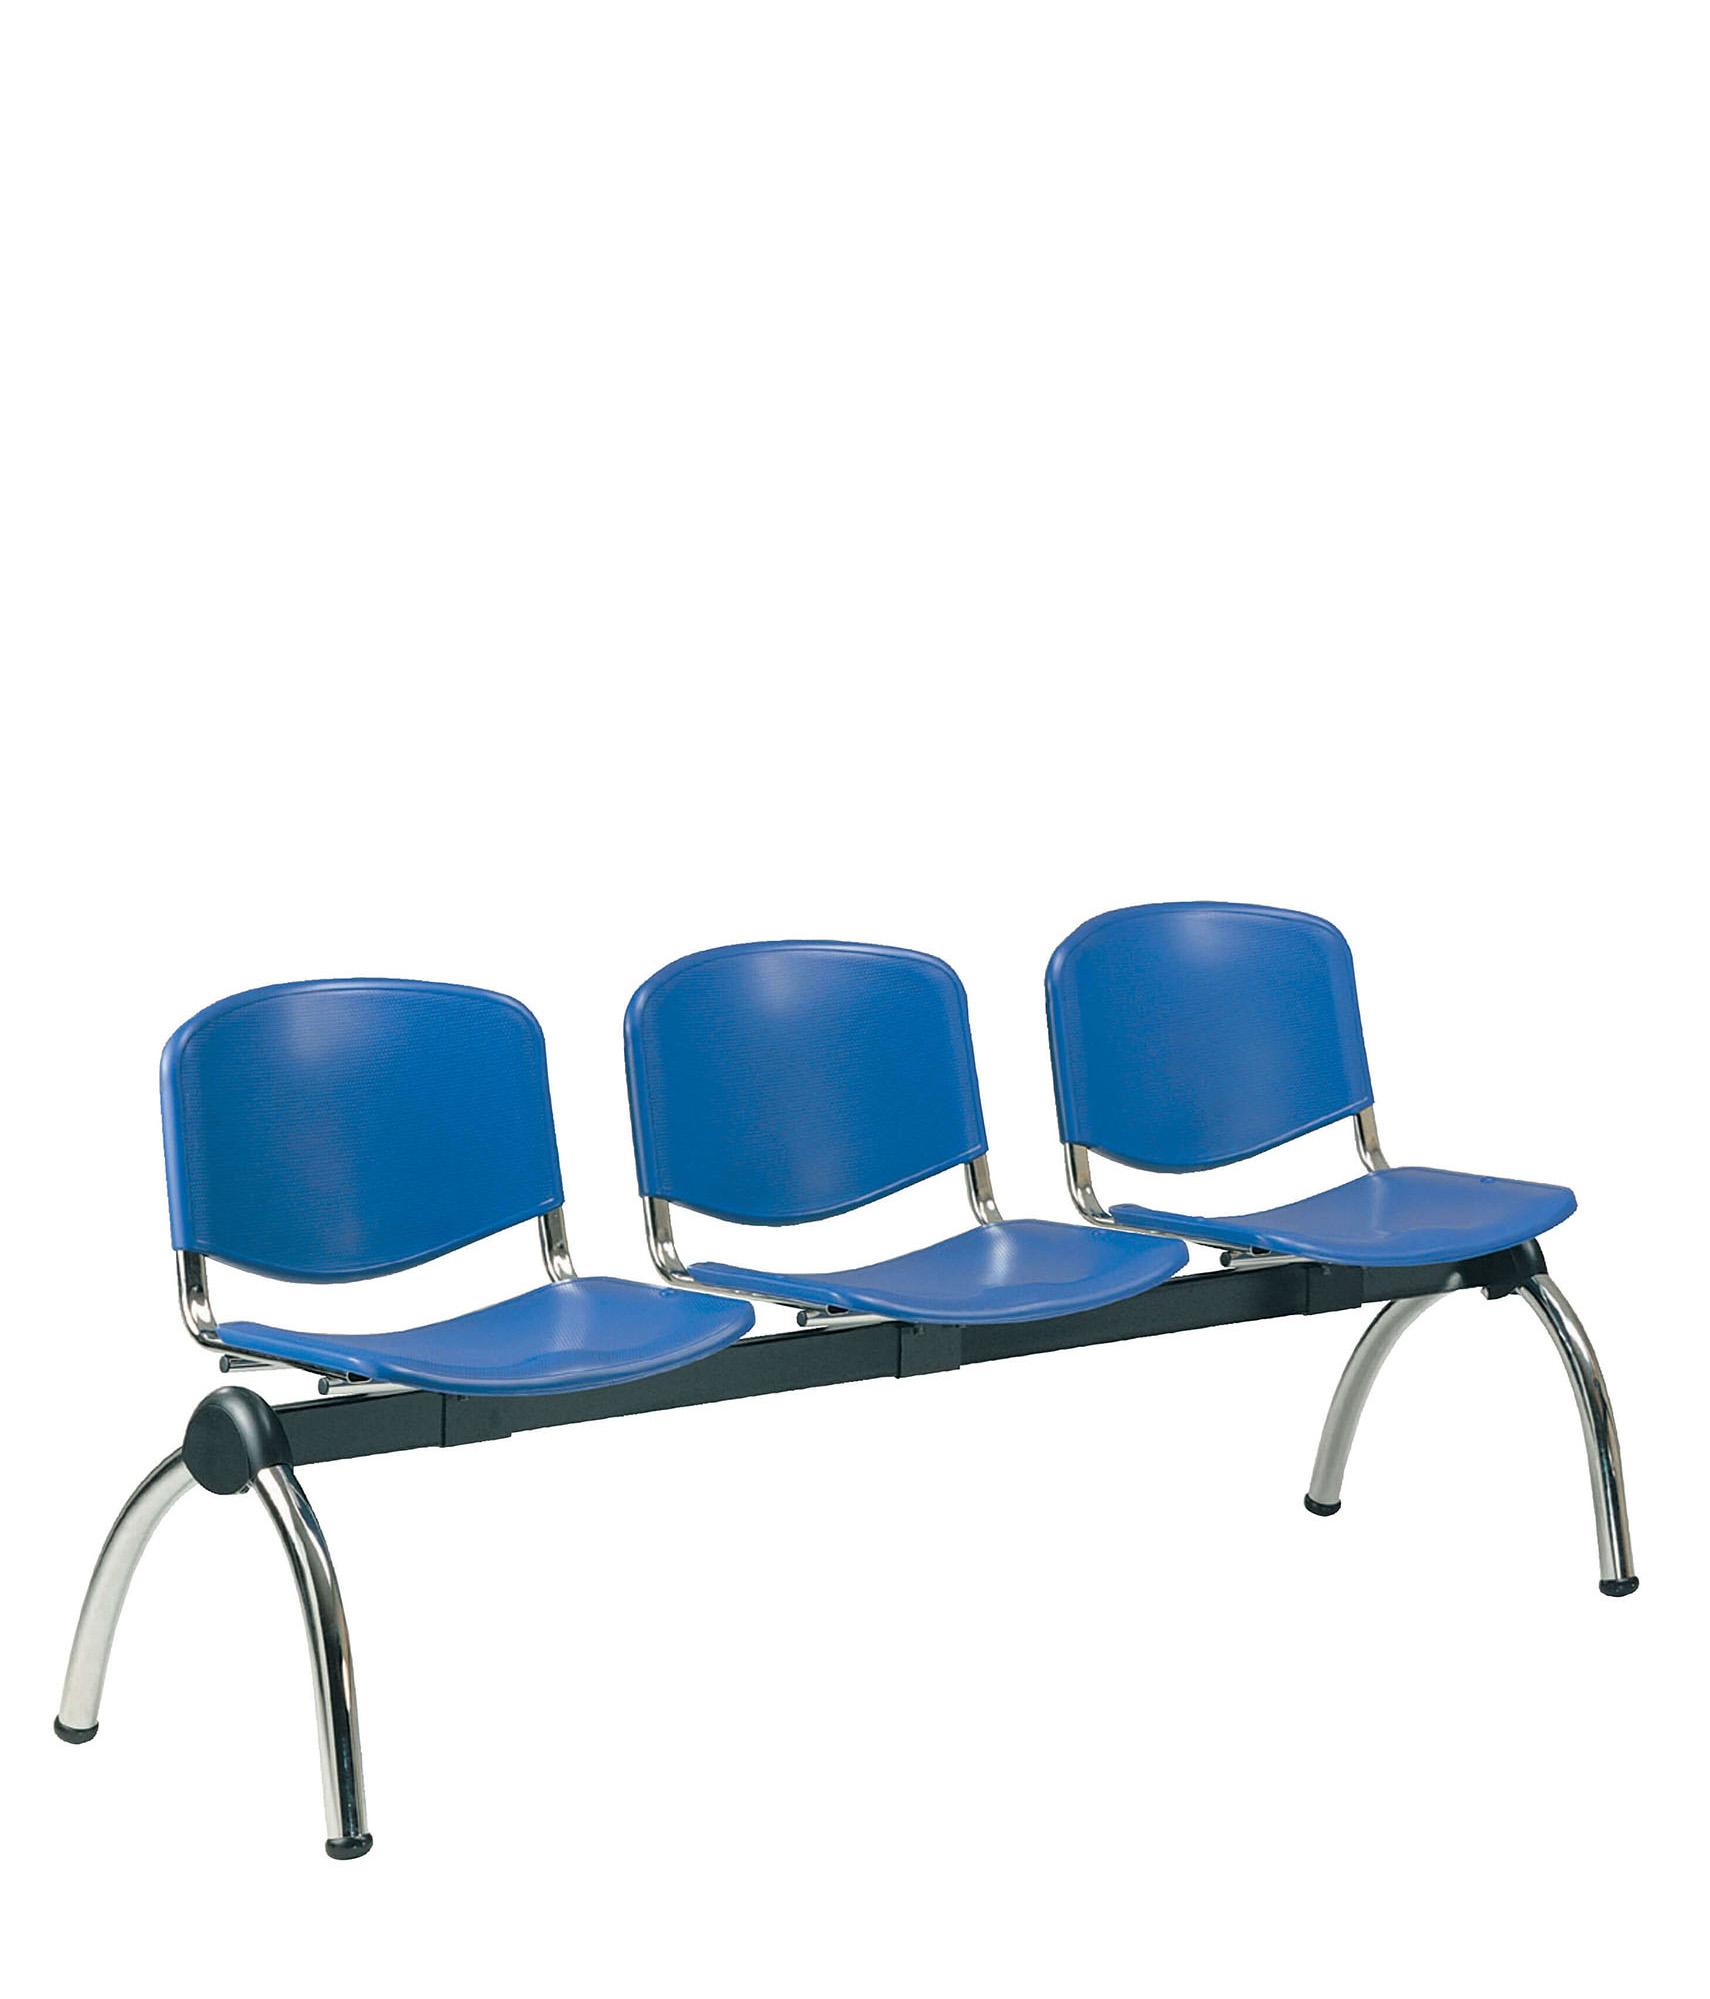 Panca sala d'attesa Clip